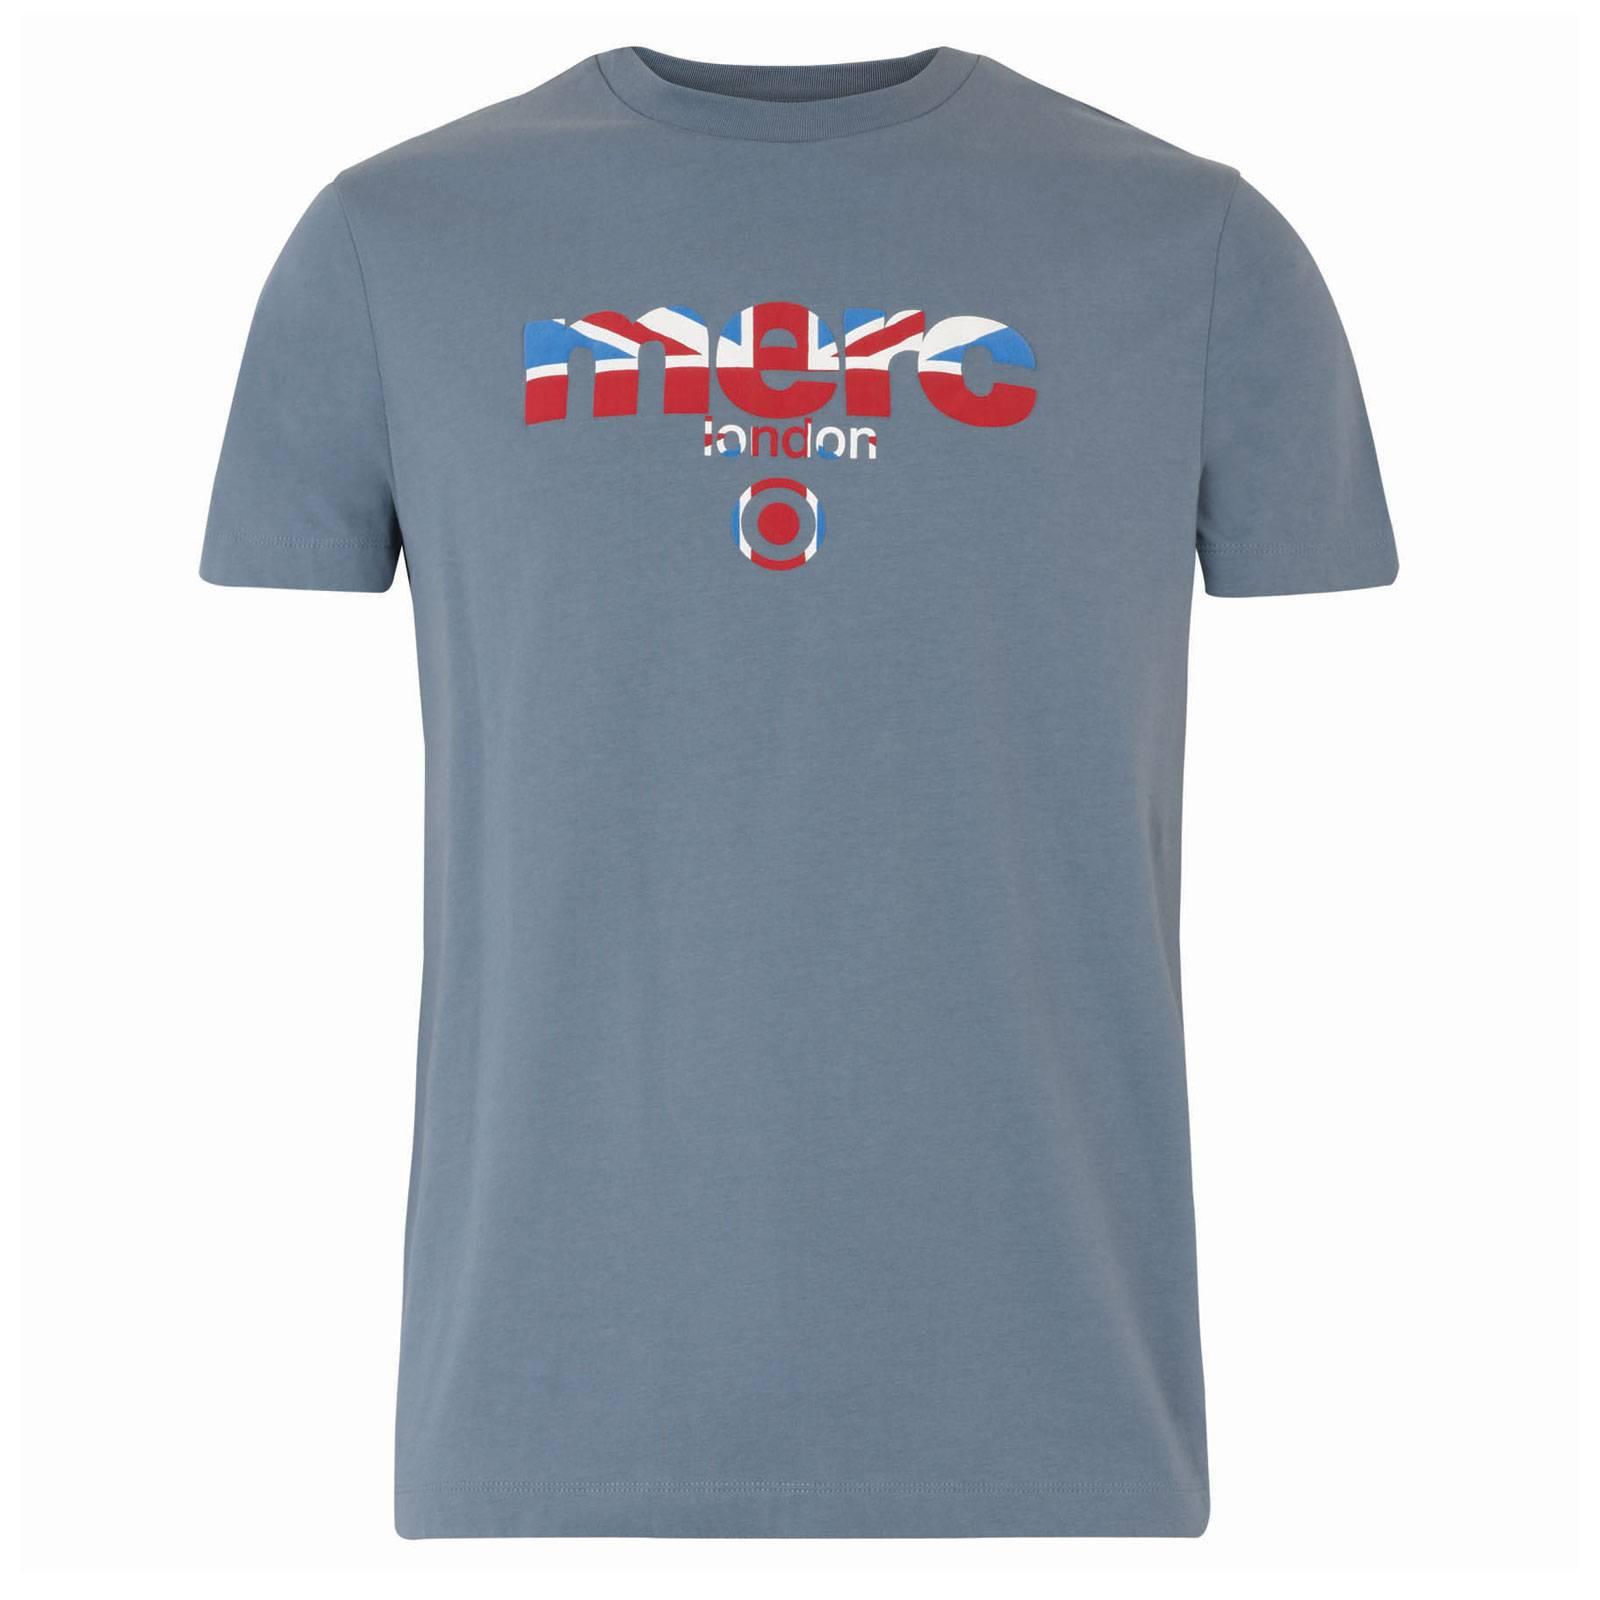 Футболка BroadwellCORE<br>Яркая футболка всесезонной базовой линии &amp;amp;quot;Core&amp;amp;quot; с классическим логотипом Merc, украшенным Union Jack. Высокое качество нанесения принта исключает его облезание в результате стирок. Трехцветный Британский флаг позволяет легко комбинировать эту футболку со множеством вариантов джинсов, шорт, обуви и брюк в различных цветовых решениях. Отлично сочетается с олимпийками, кардиганами и верхней одеждой. Произведено в Европейском Союзе<br><br>Артикул: 1709210<br>Материал: 100% хлопок<br>Цвет: бирюзовый<br>Пол: Мужской